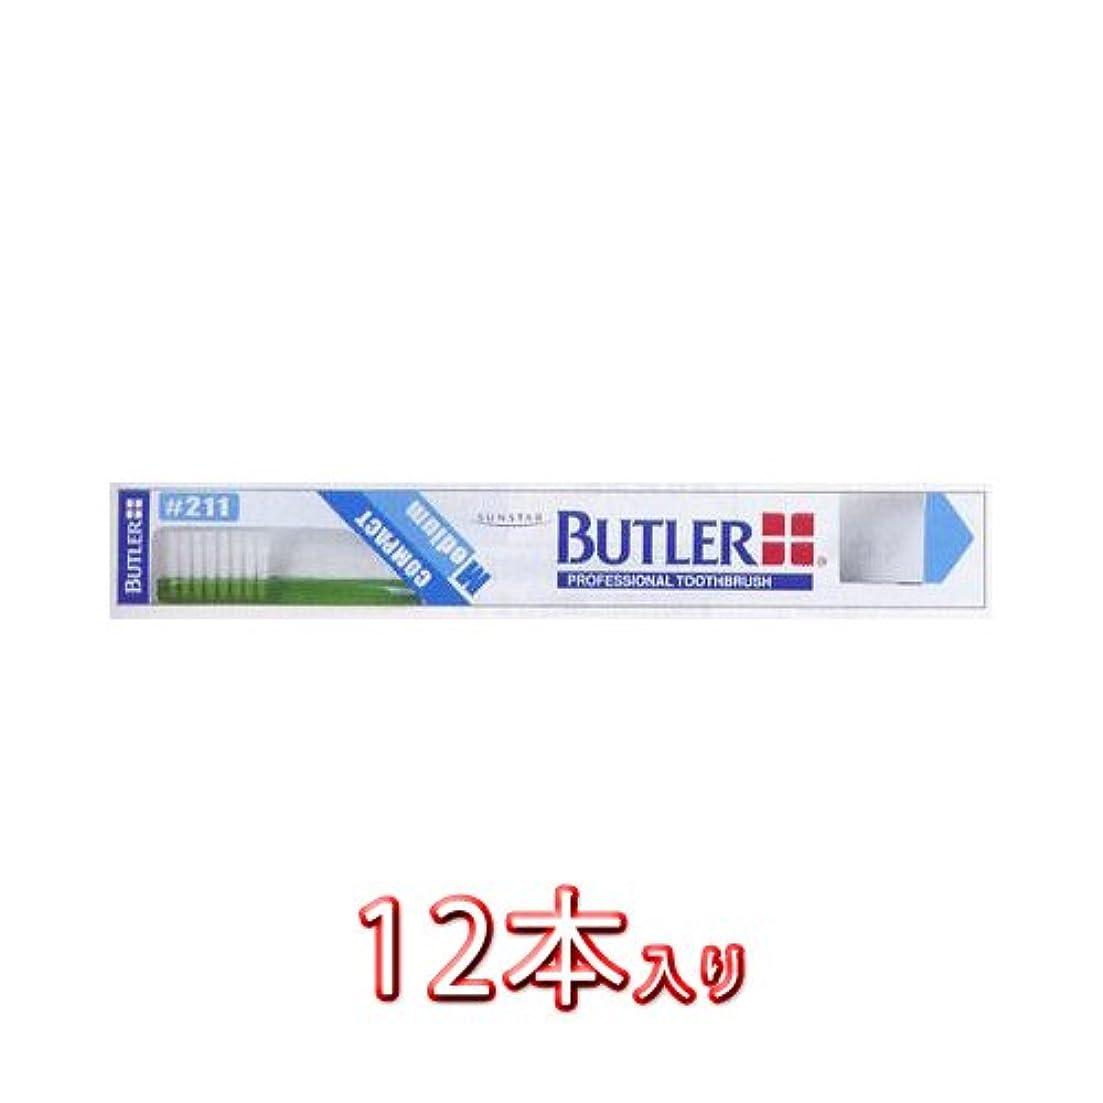 レイプ多用途懺悔バトラー 歯ブラシ #211 12本入